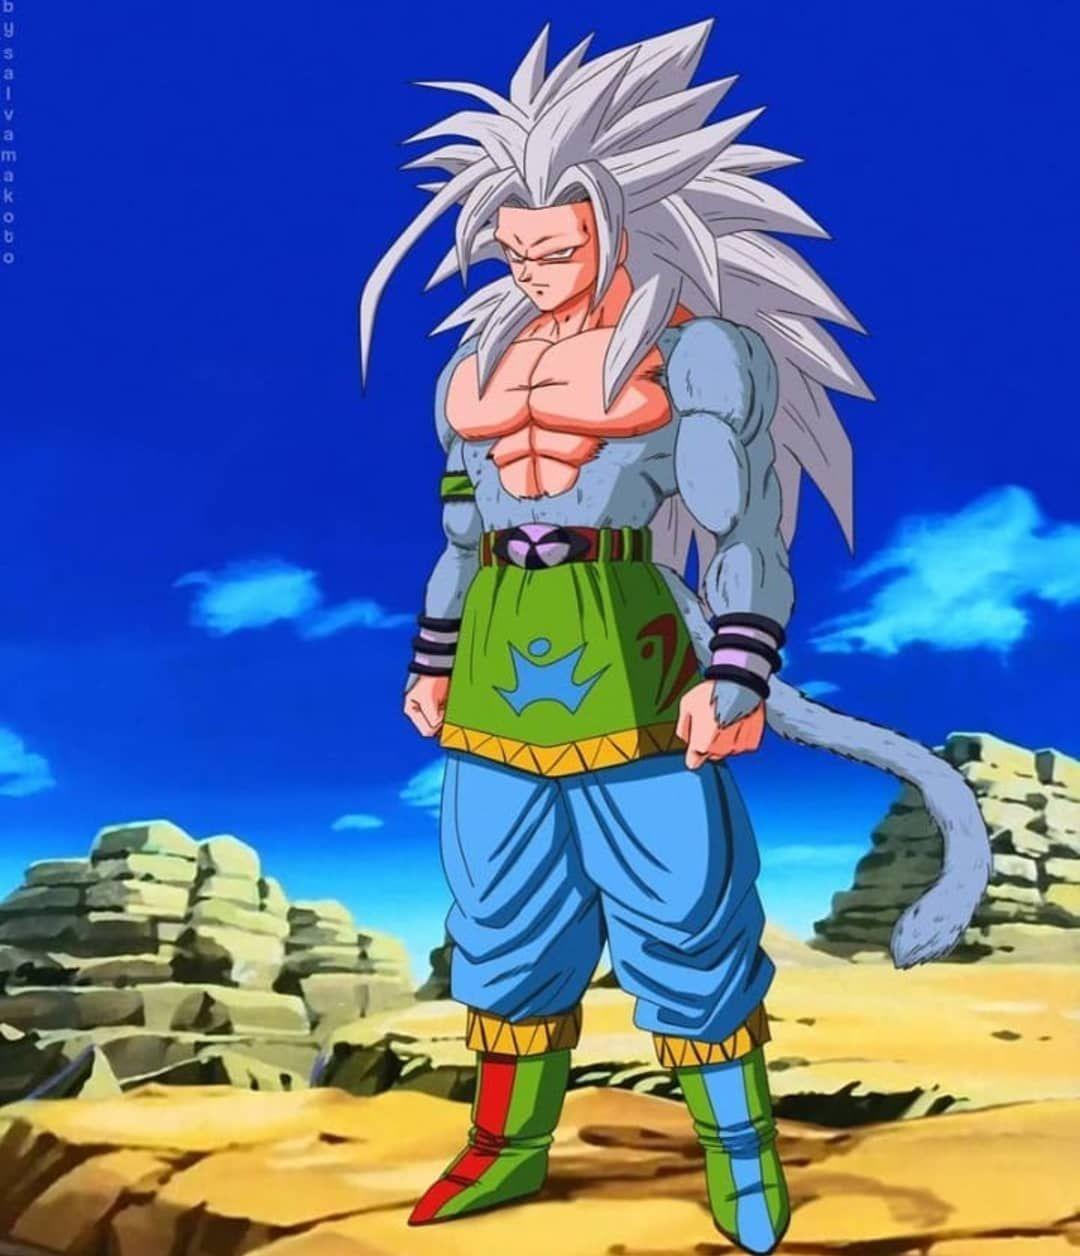 Goku Super Saiyajin 5 Dragon Ball Super Manga Dragon Ball Image Dragon Ball Artwork